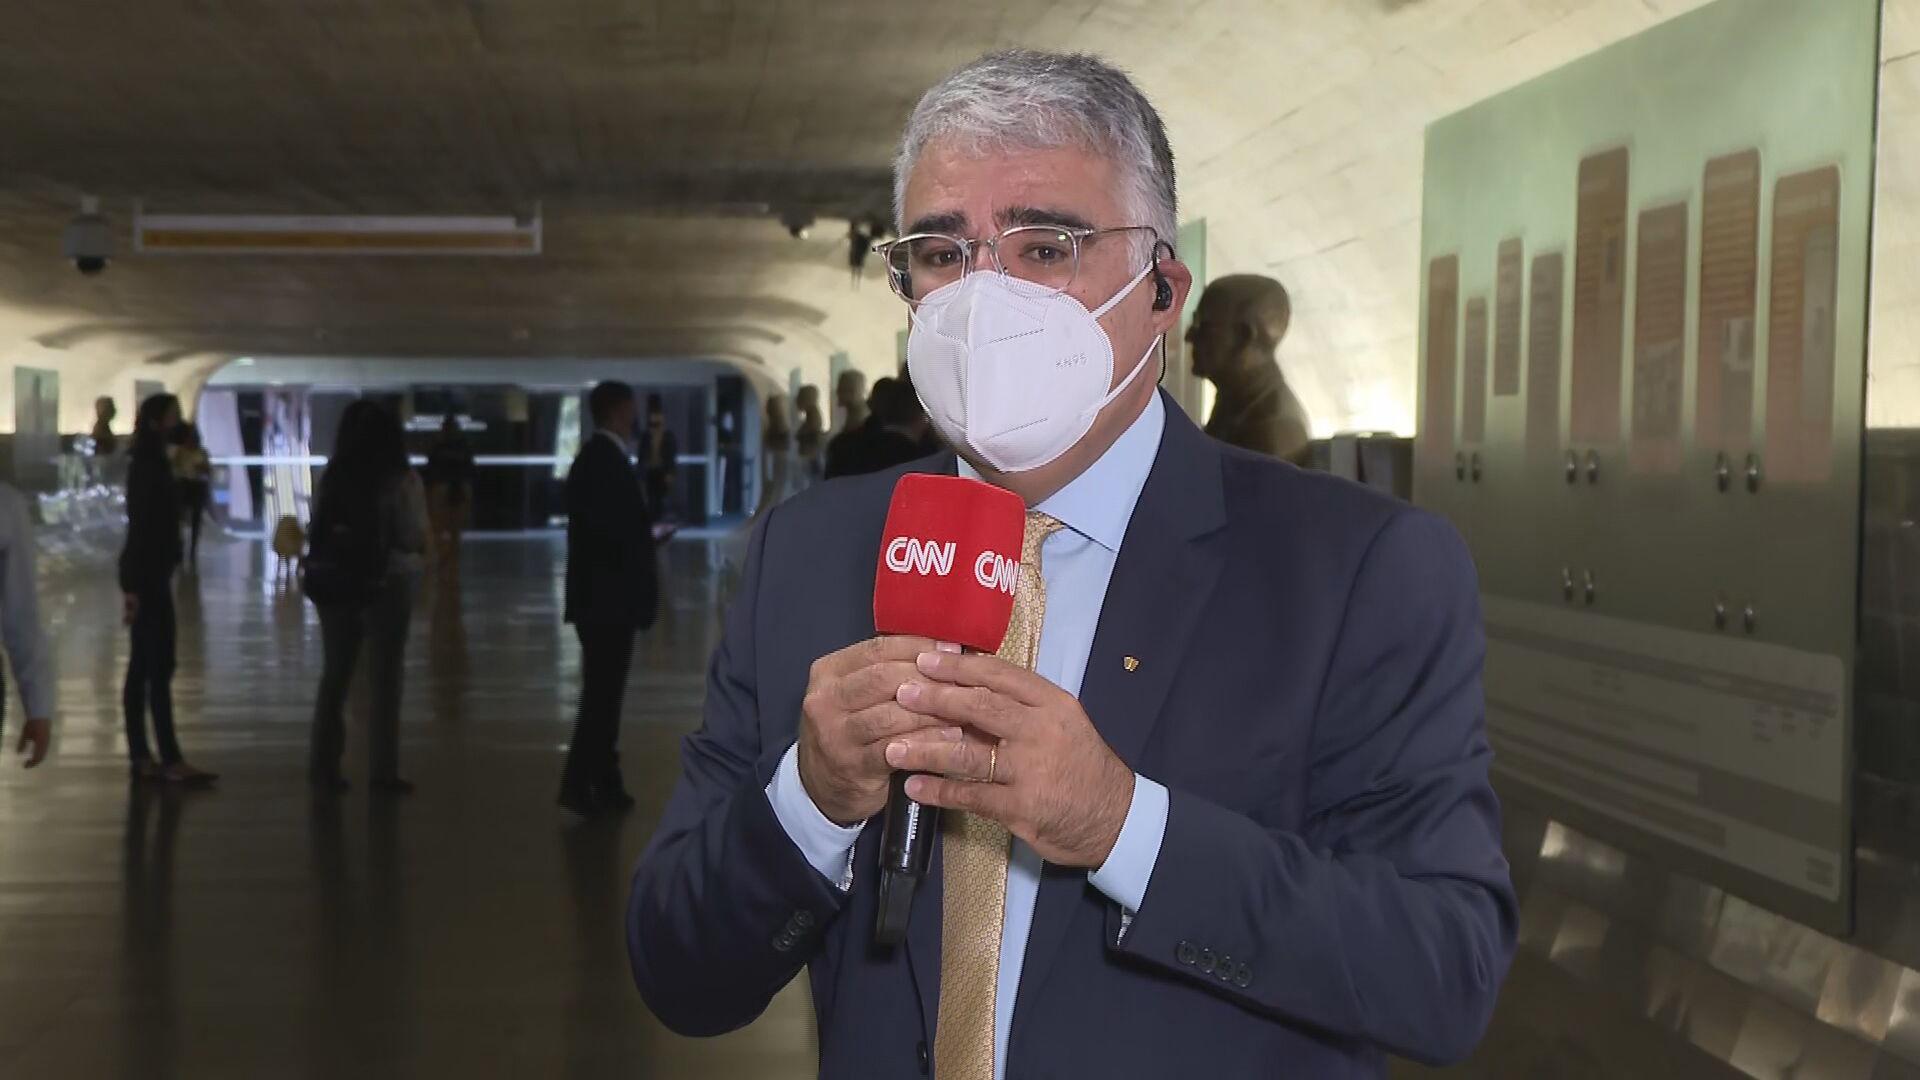 Senador Eduardo Girão (Podemos-CE), integrante da CPI da Pandemia